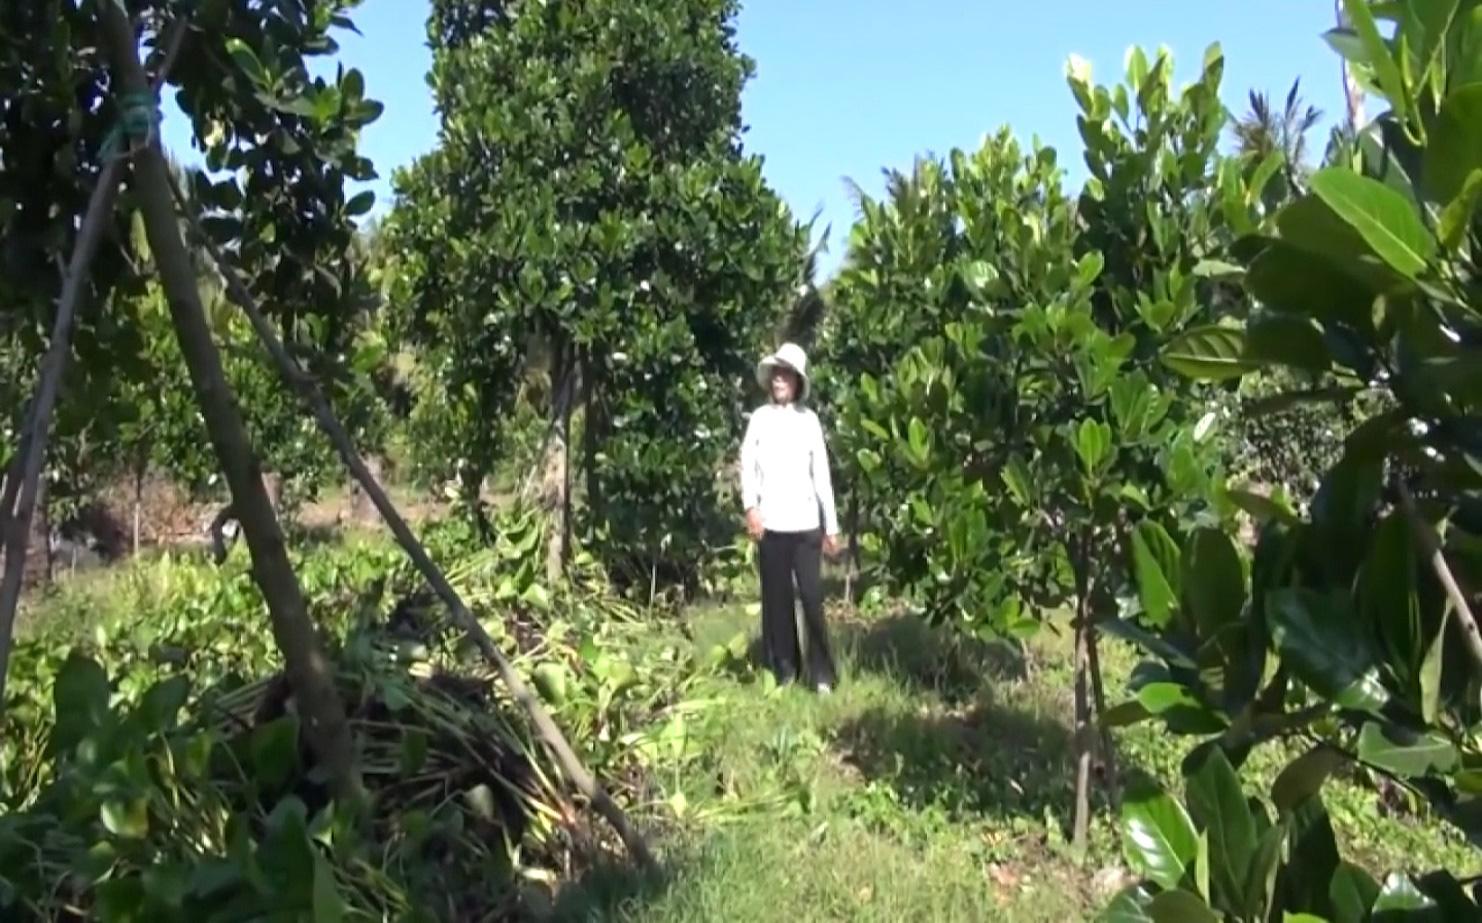 An Giang: Chuyển đổi trồng mít Thái siêu sớm, nhiều nông dân Tân Châu thoát nghèo, ổn định cuộc sống - Ảnh 2.